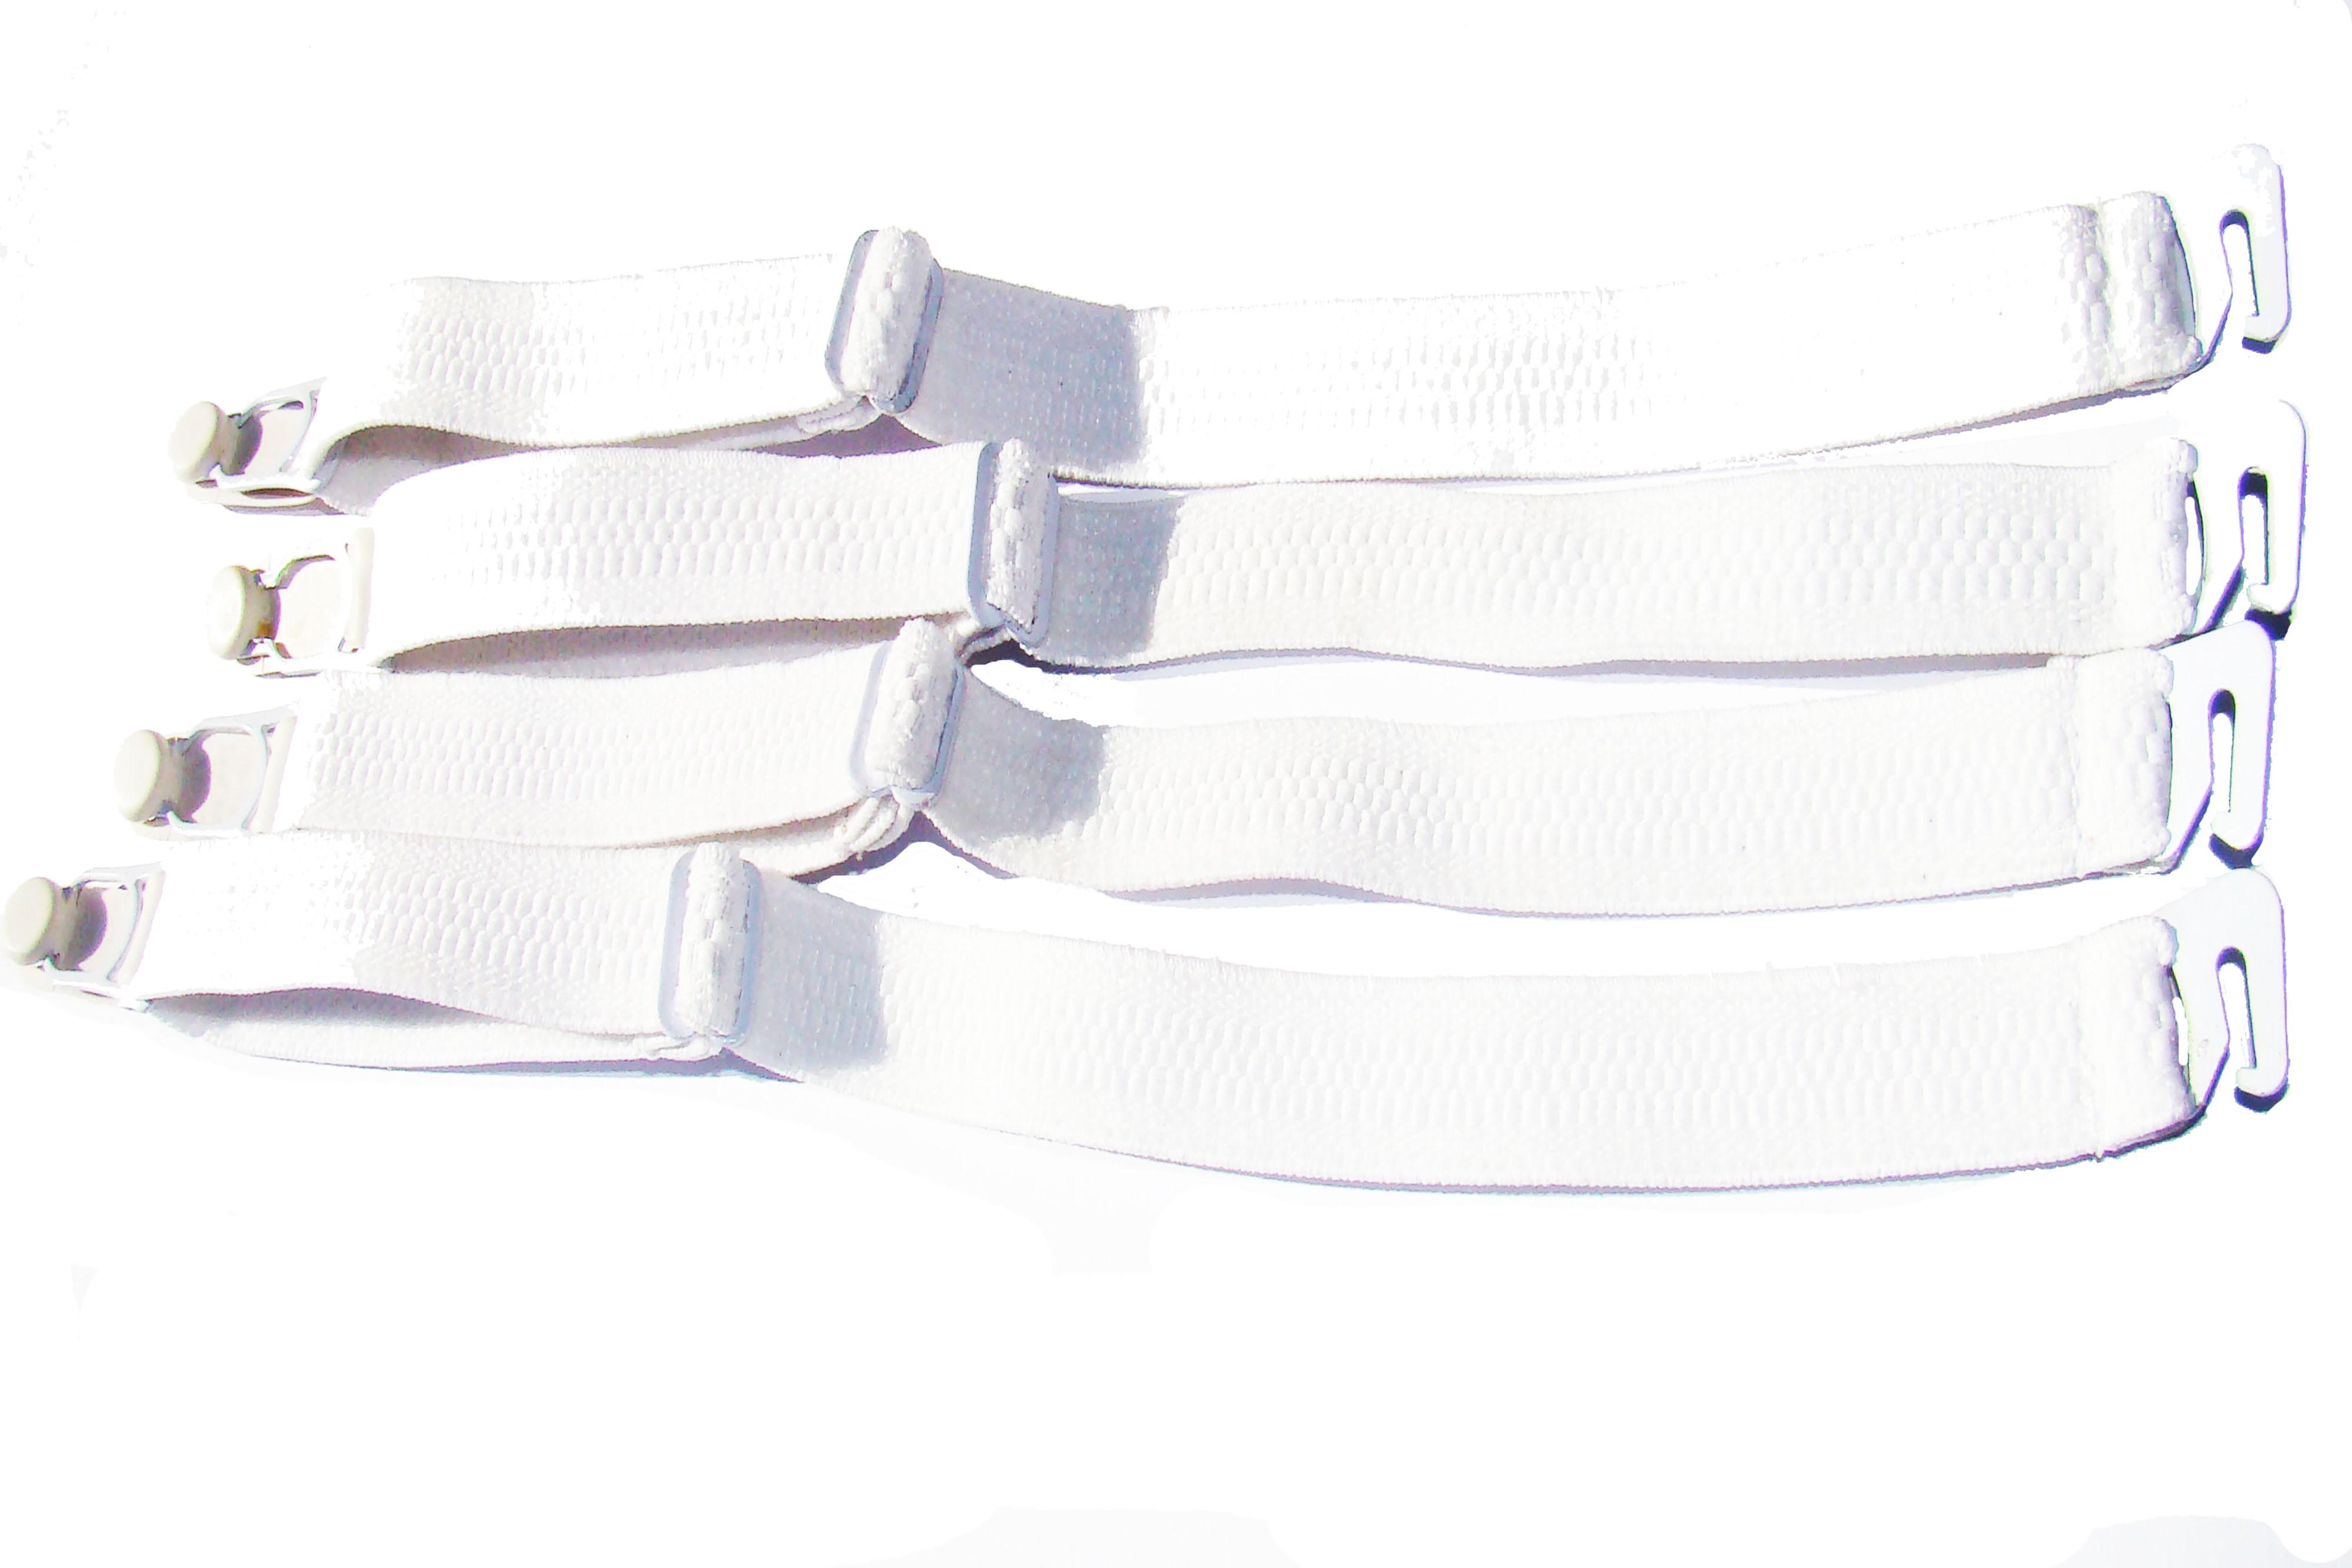 4 oder 6 st ck artikelnummer z 005 strapse strumpfhalter zubeh r f r. Black Bedroom Furniture Sets. Home Design Ideas